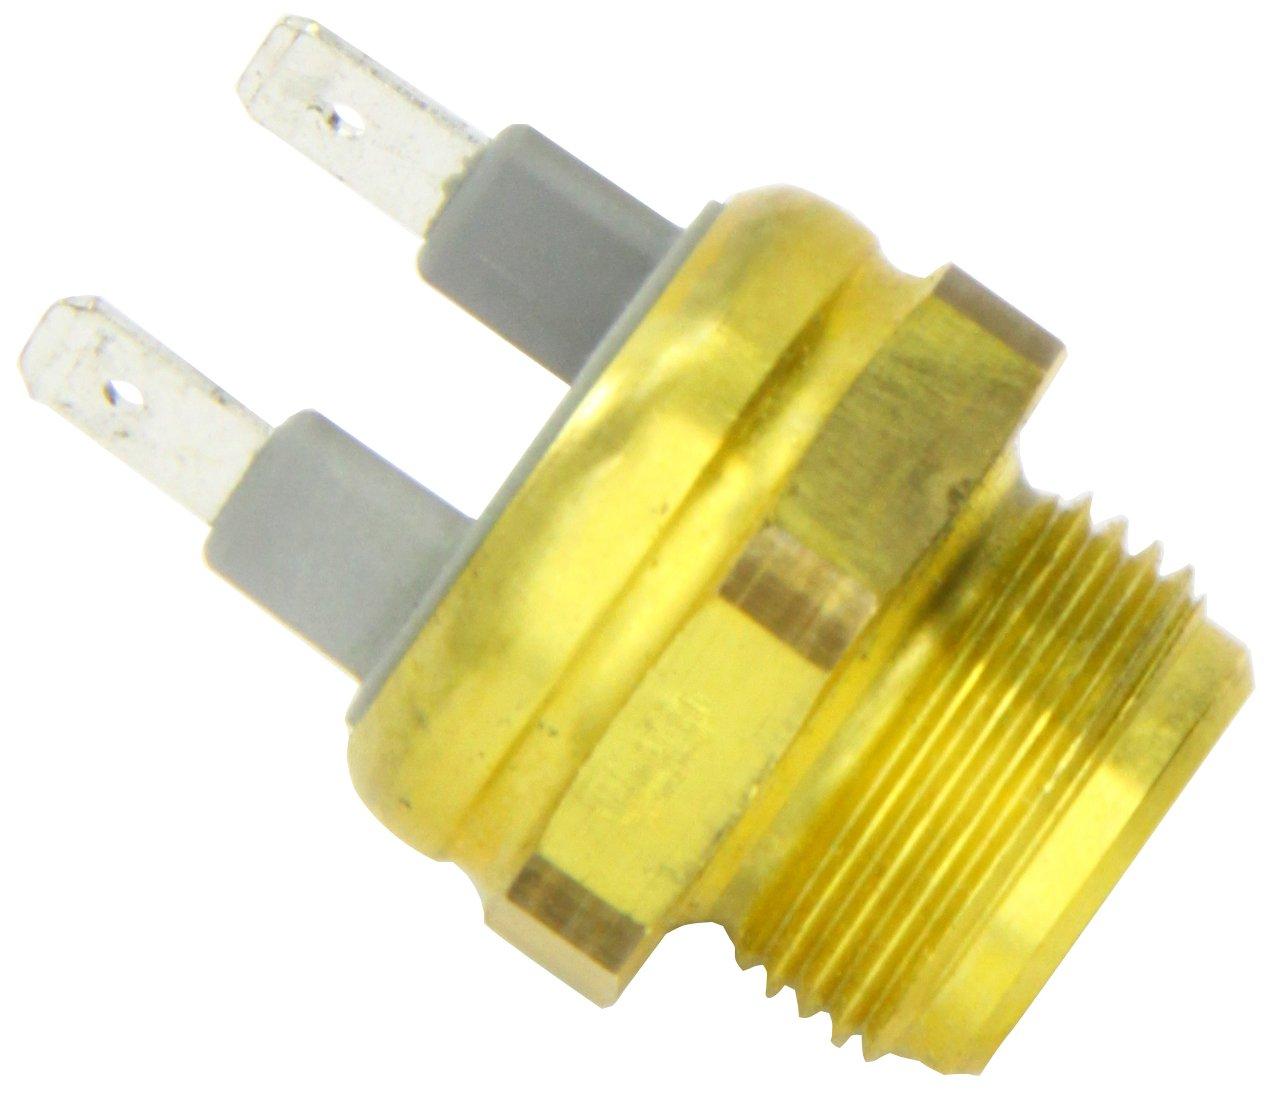 Behr Thermot-Tronik TSW 2 Interrupteur de tempé rature, ventilateur de radiateur Behr-Thermot-Tronik